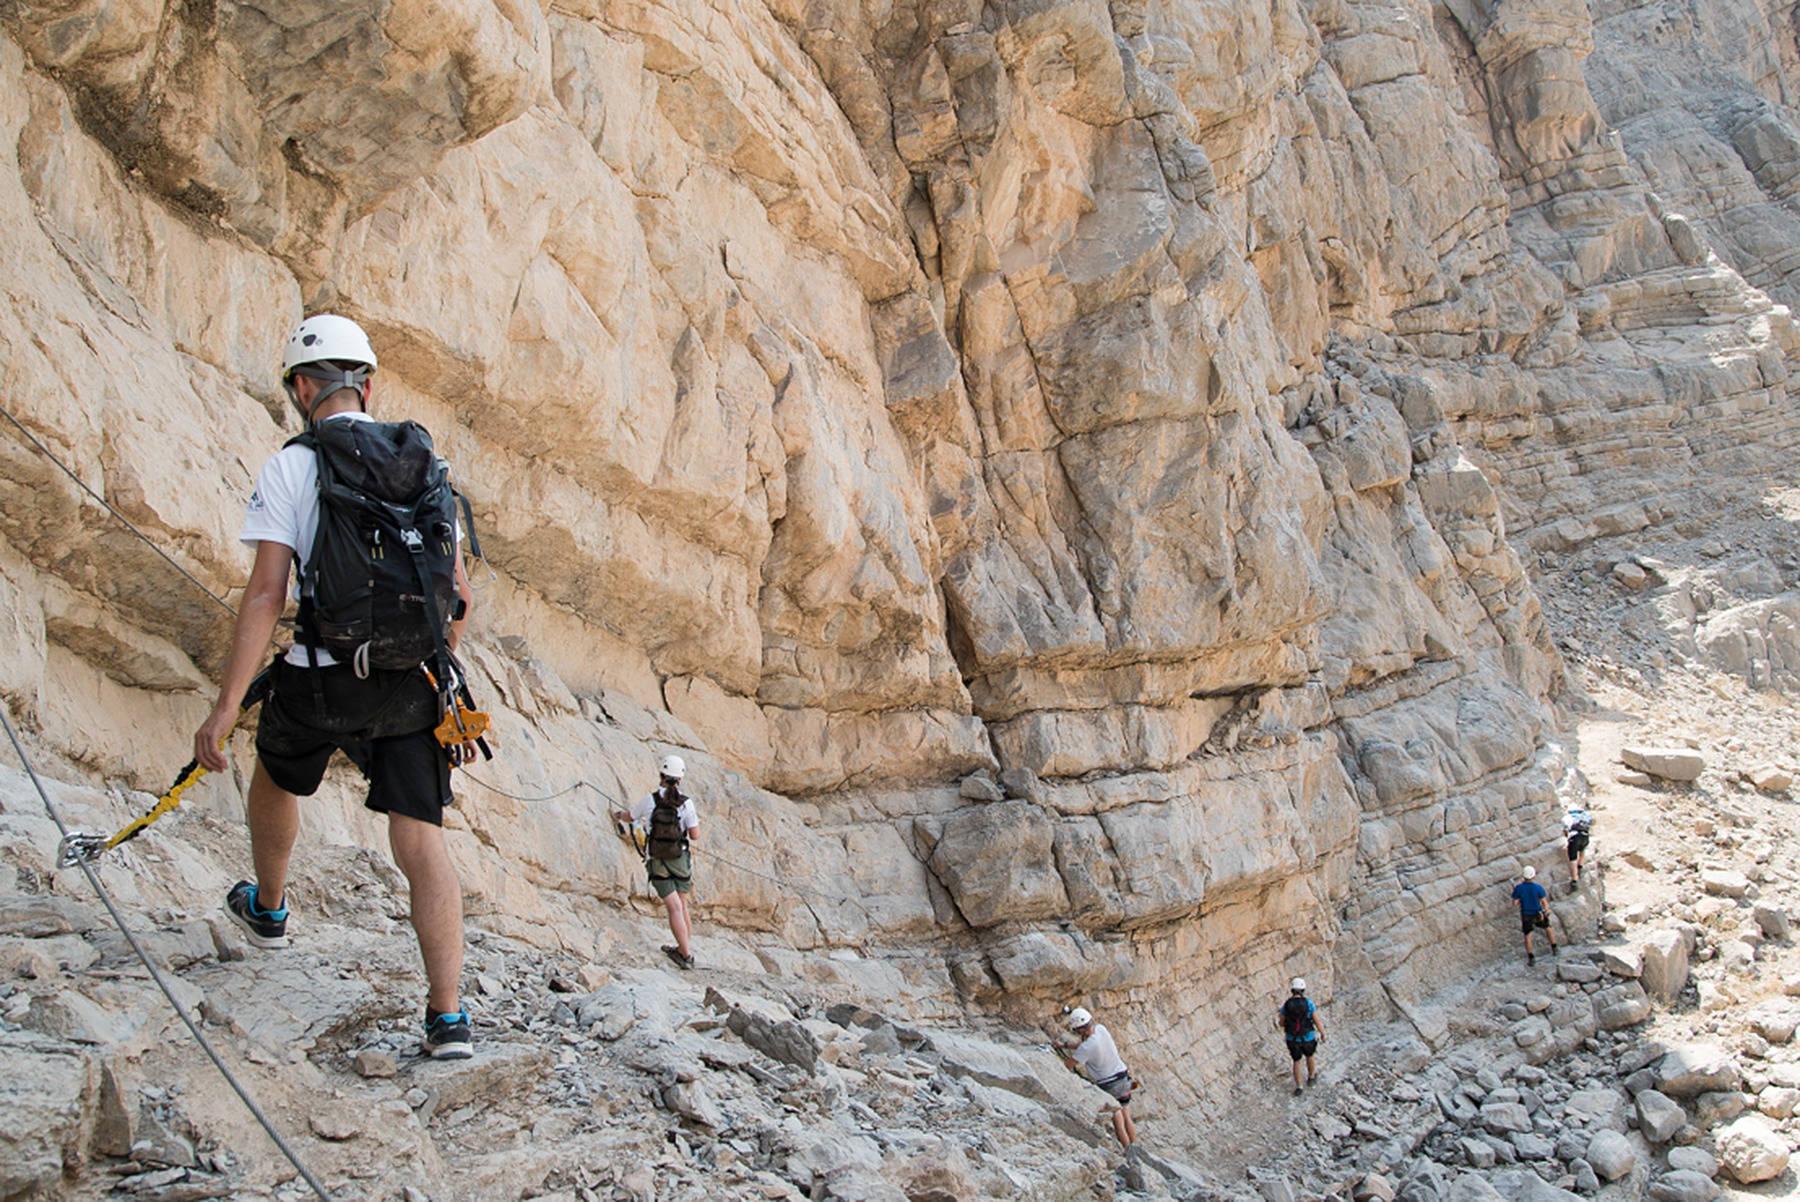 Klettersteig Rhein : Neuer klettersteig mit seilrutschen im emirat ras al chaima